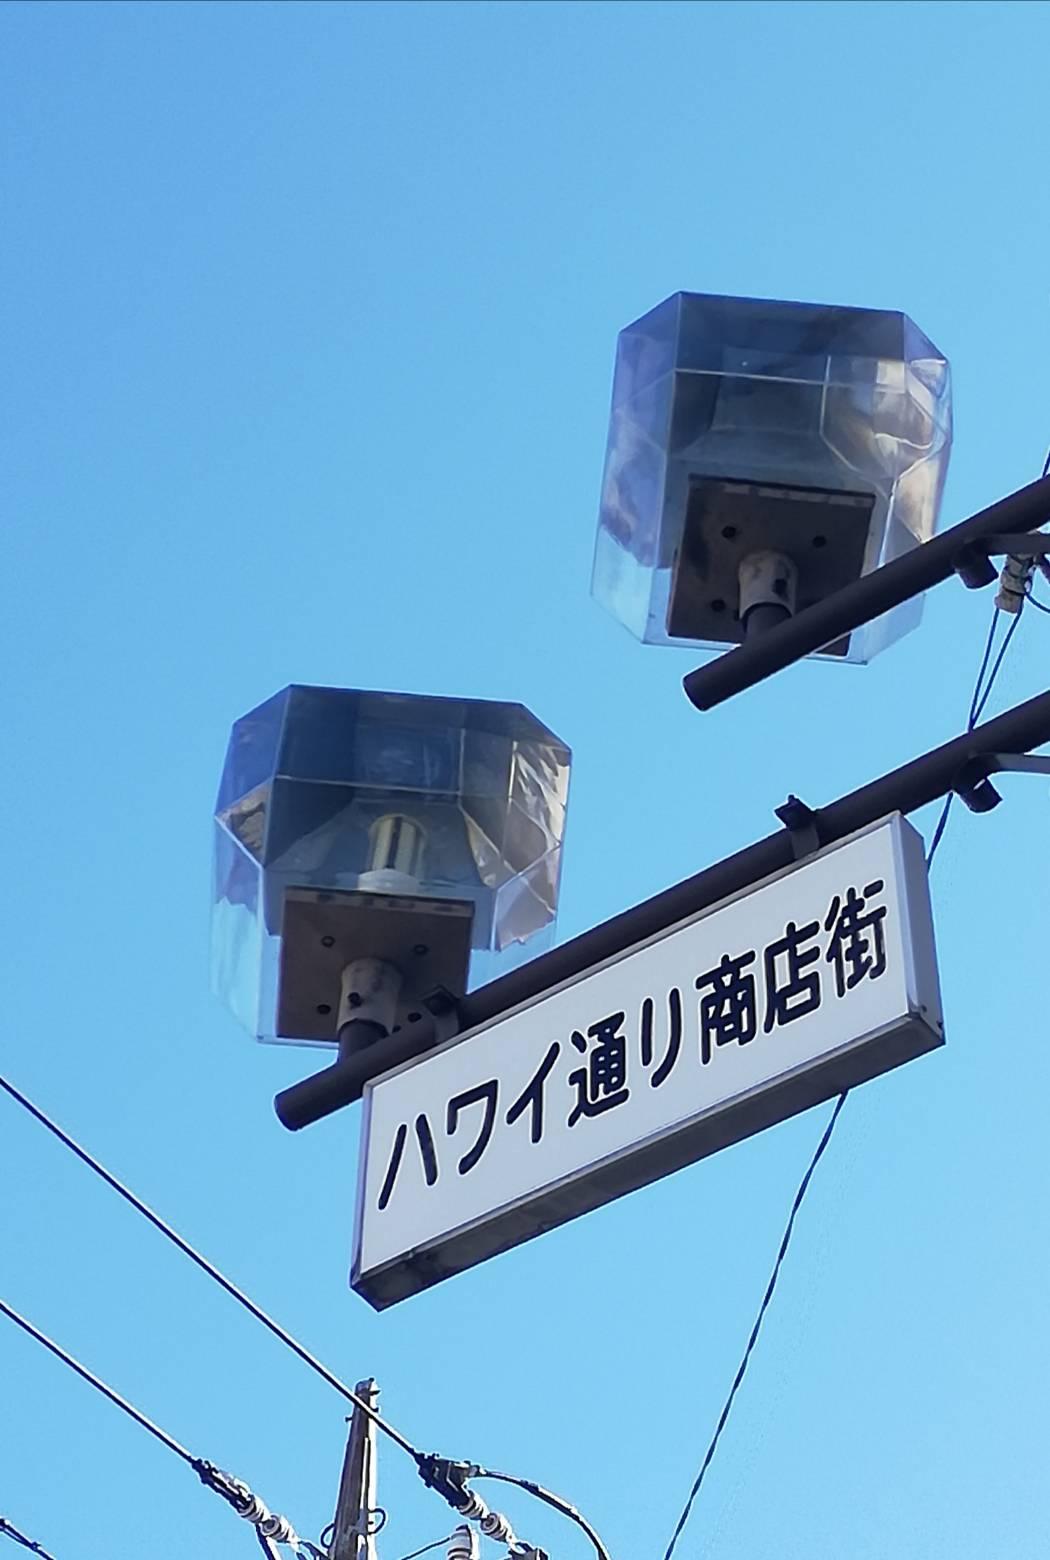 じゅん散歩北小金ハワイ通り松戸